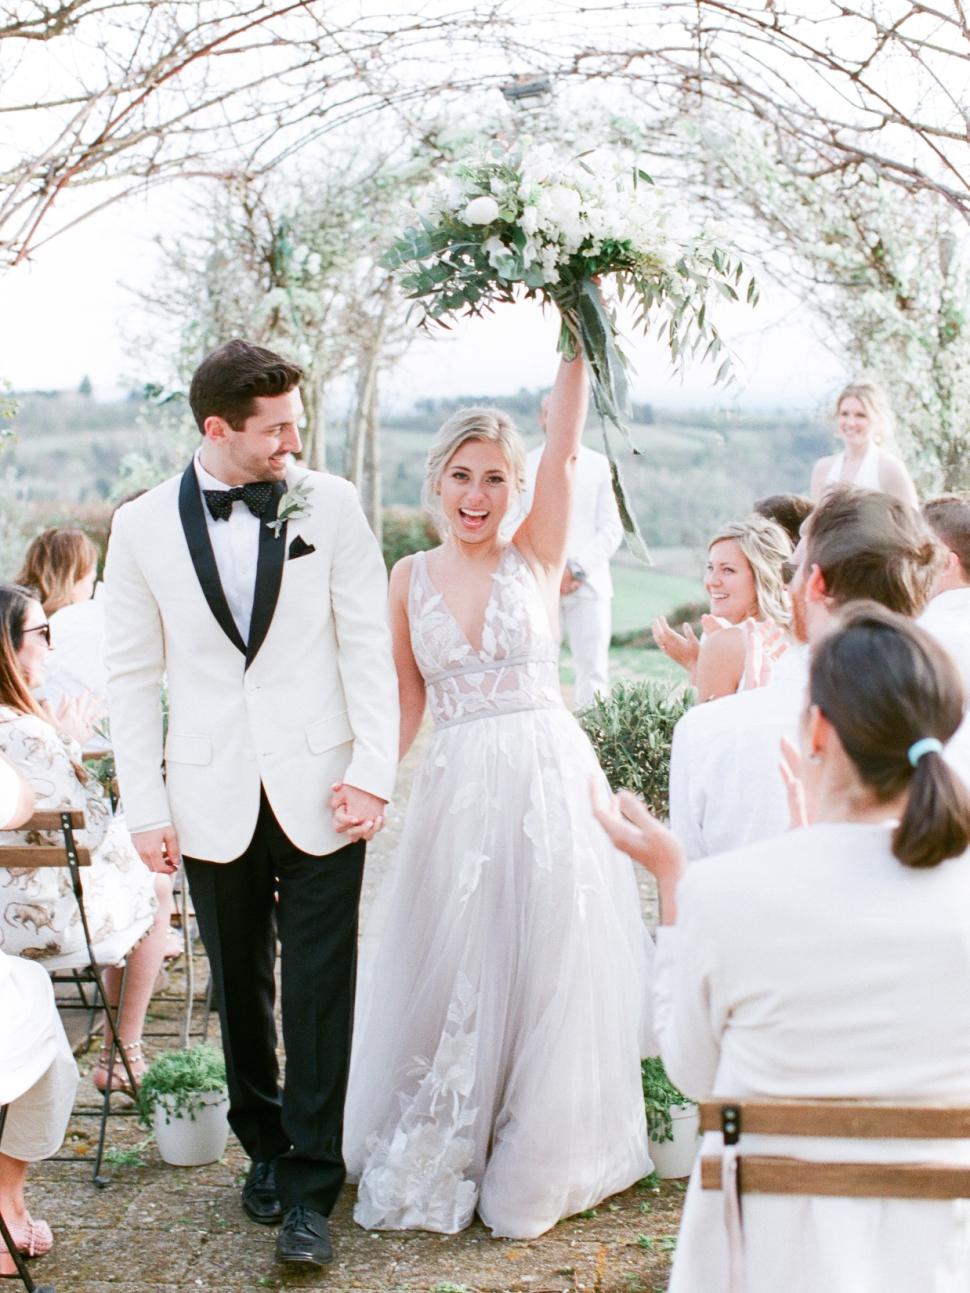 Tuscany-Destination-Wedding-Photographer-Cassi-Claire-Borgo-Petrognano-Florence-Wedding-26.jpg